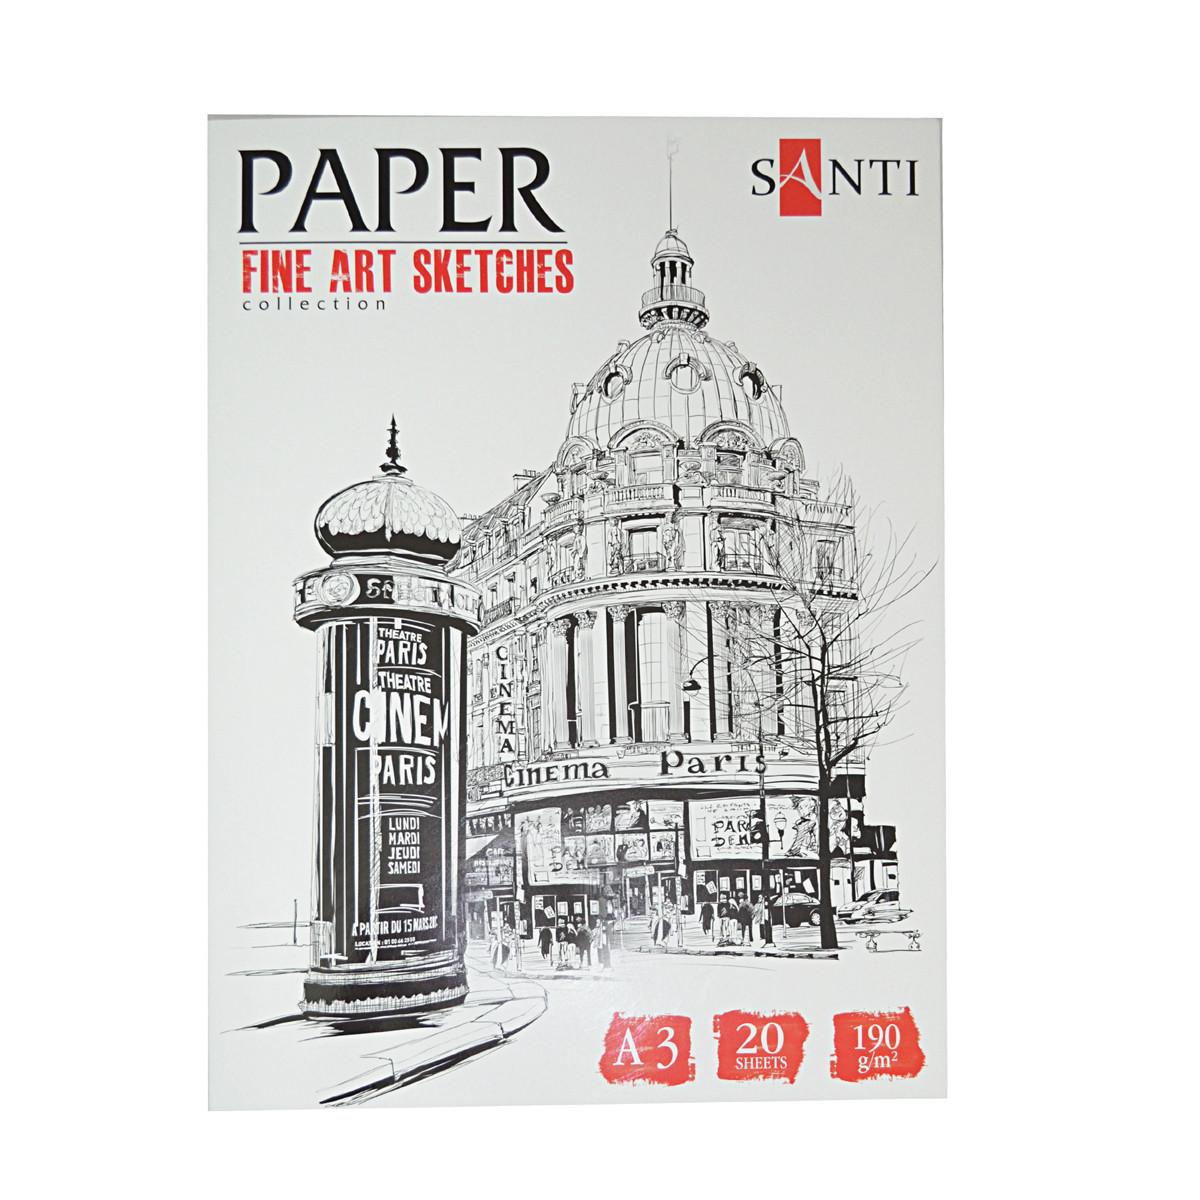 """Набор бумаги для графики SANTI, А3 """"Fine art sketches"""", 20 л., 190 г/м2 - фото 1"""